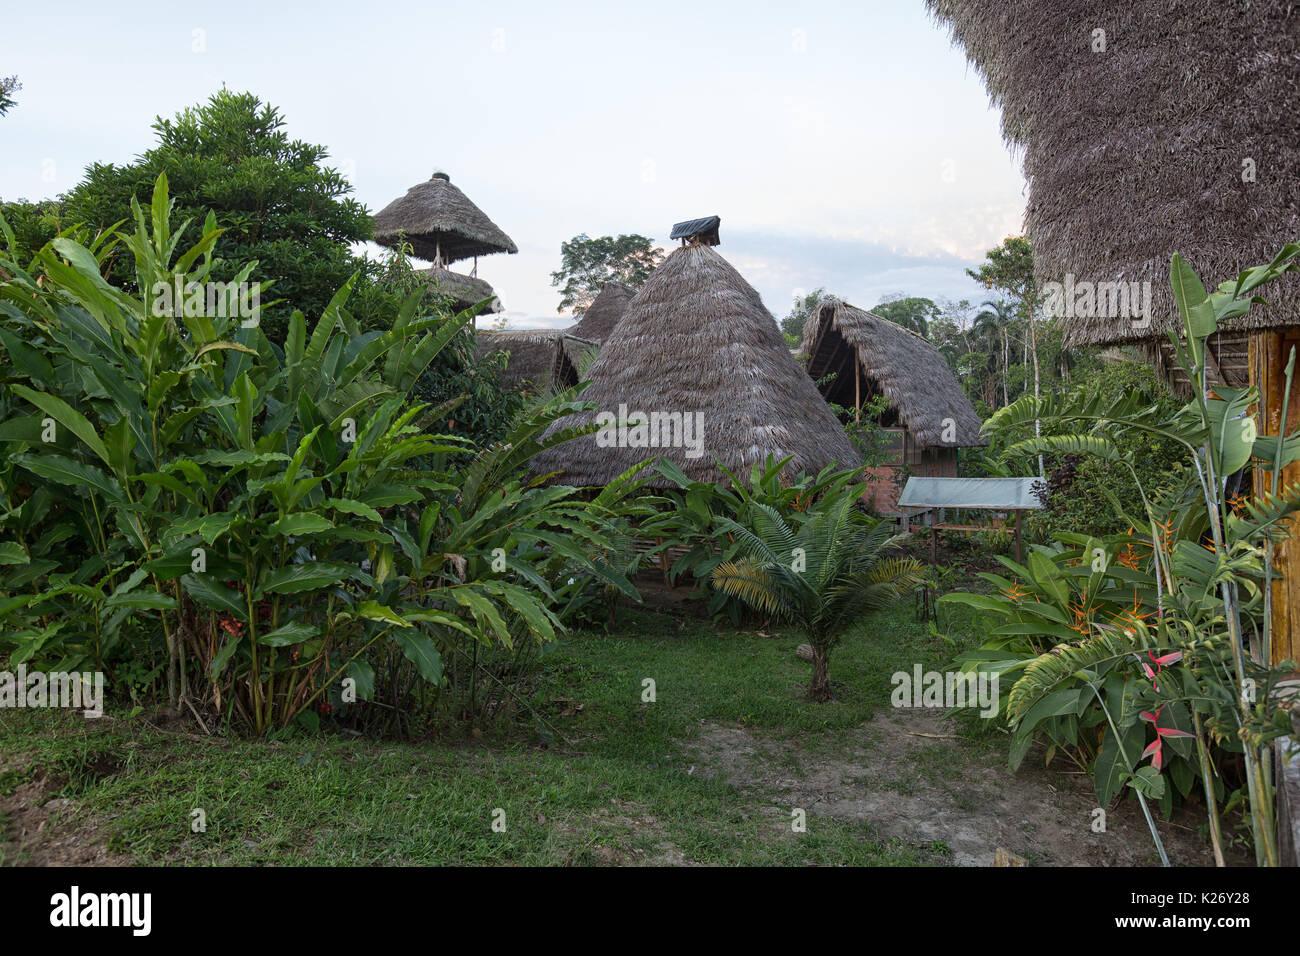 Junio 6, 2017 Misahuallí, Ecuador: eco construcciones hechas de bambú en la Amazonía Imagen De Stock